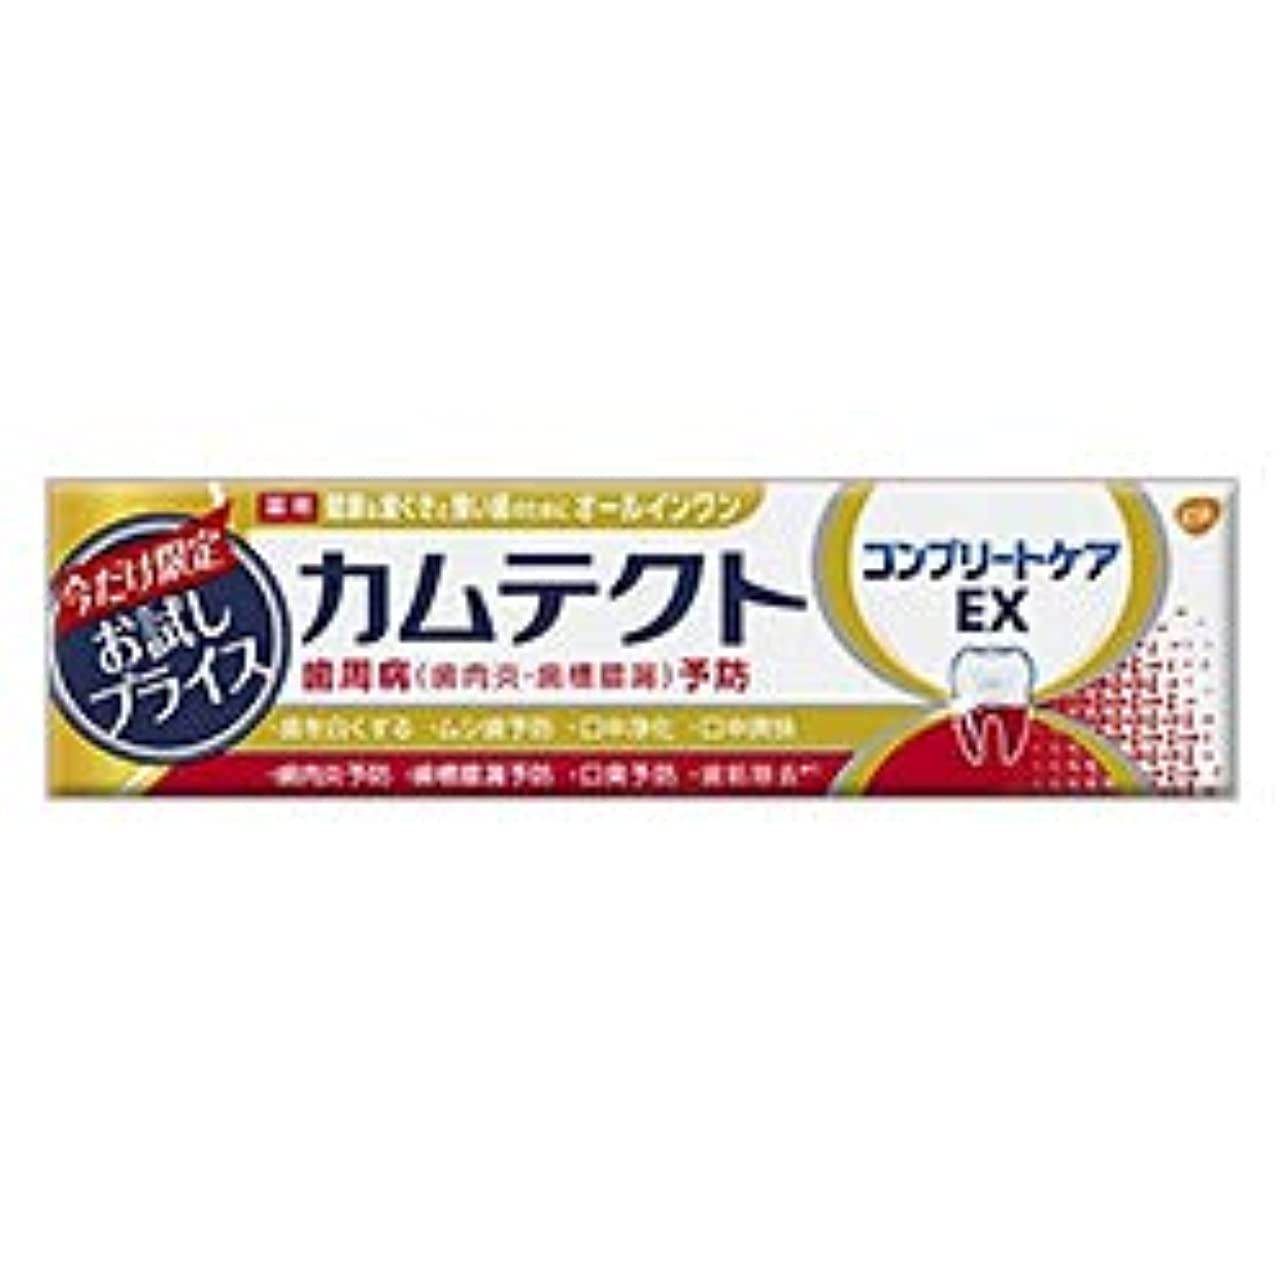 【アース製薬】カムテクト コンプリートケアEX 限定お試し版 95g [医薬部外品] ×2個セット